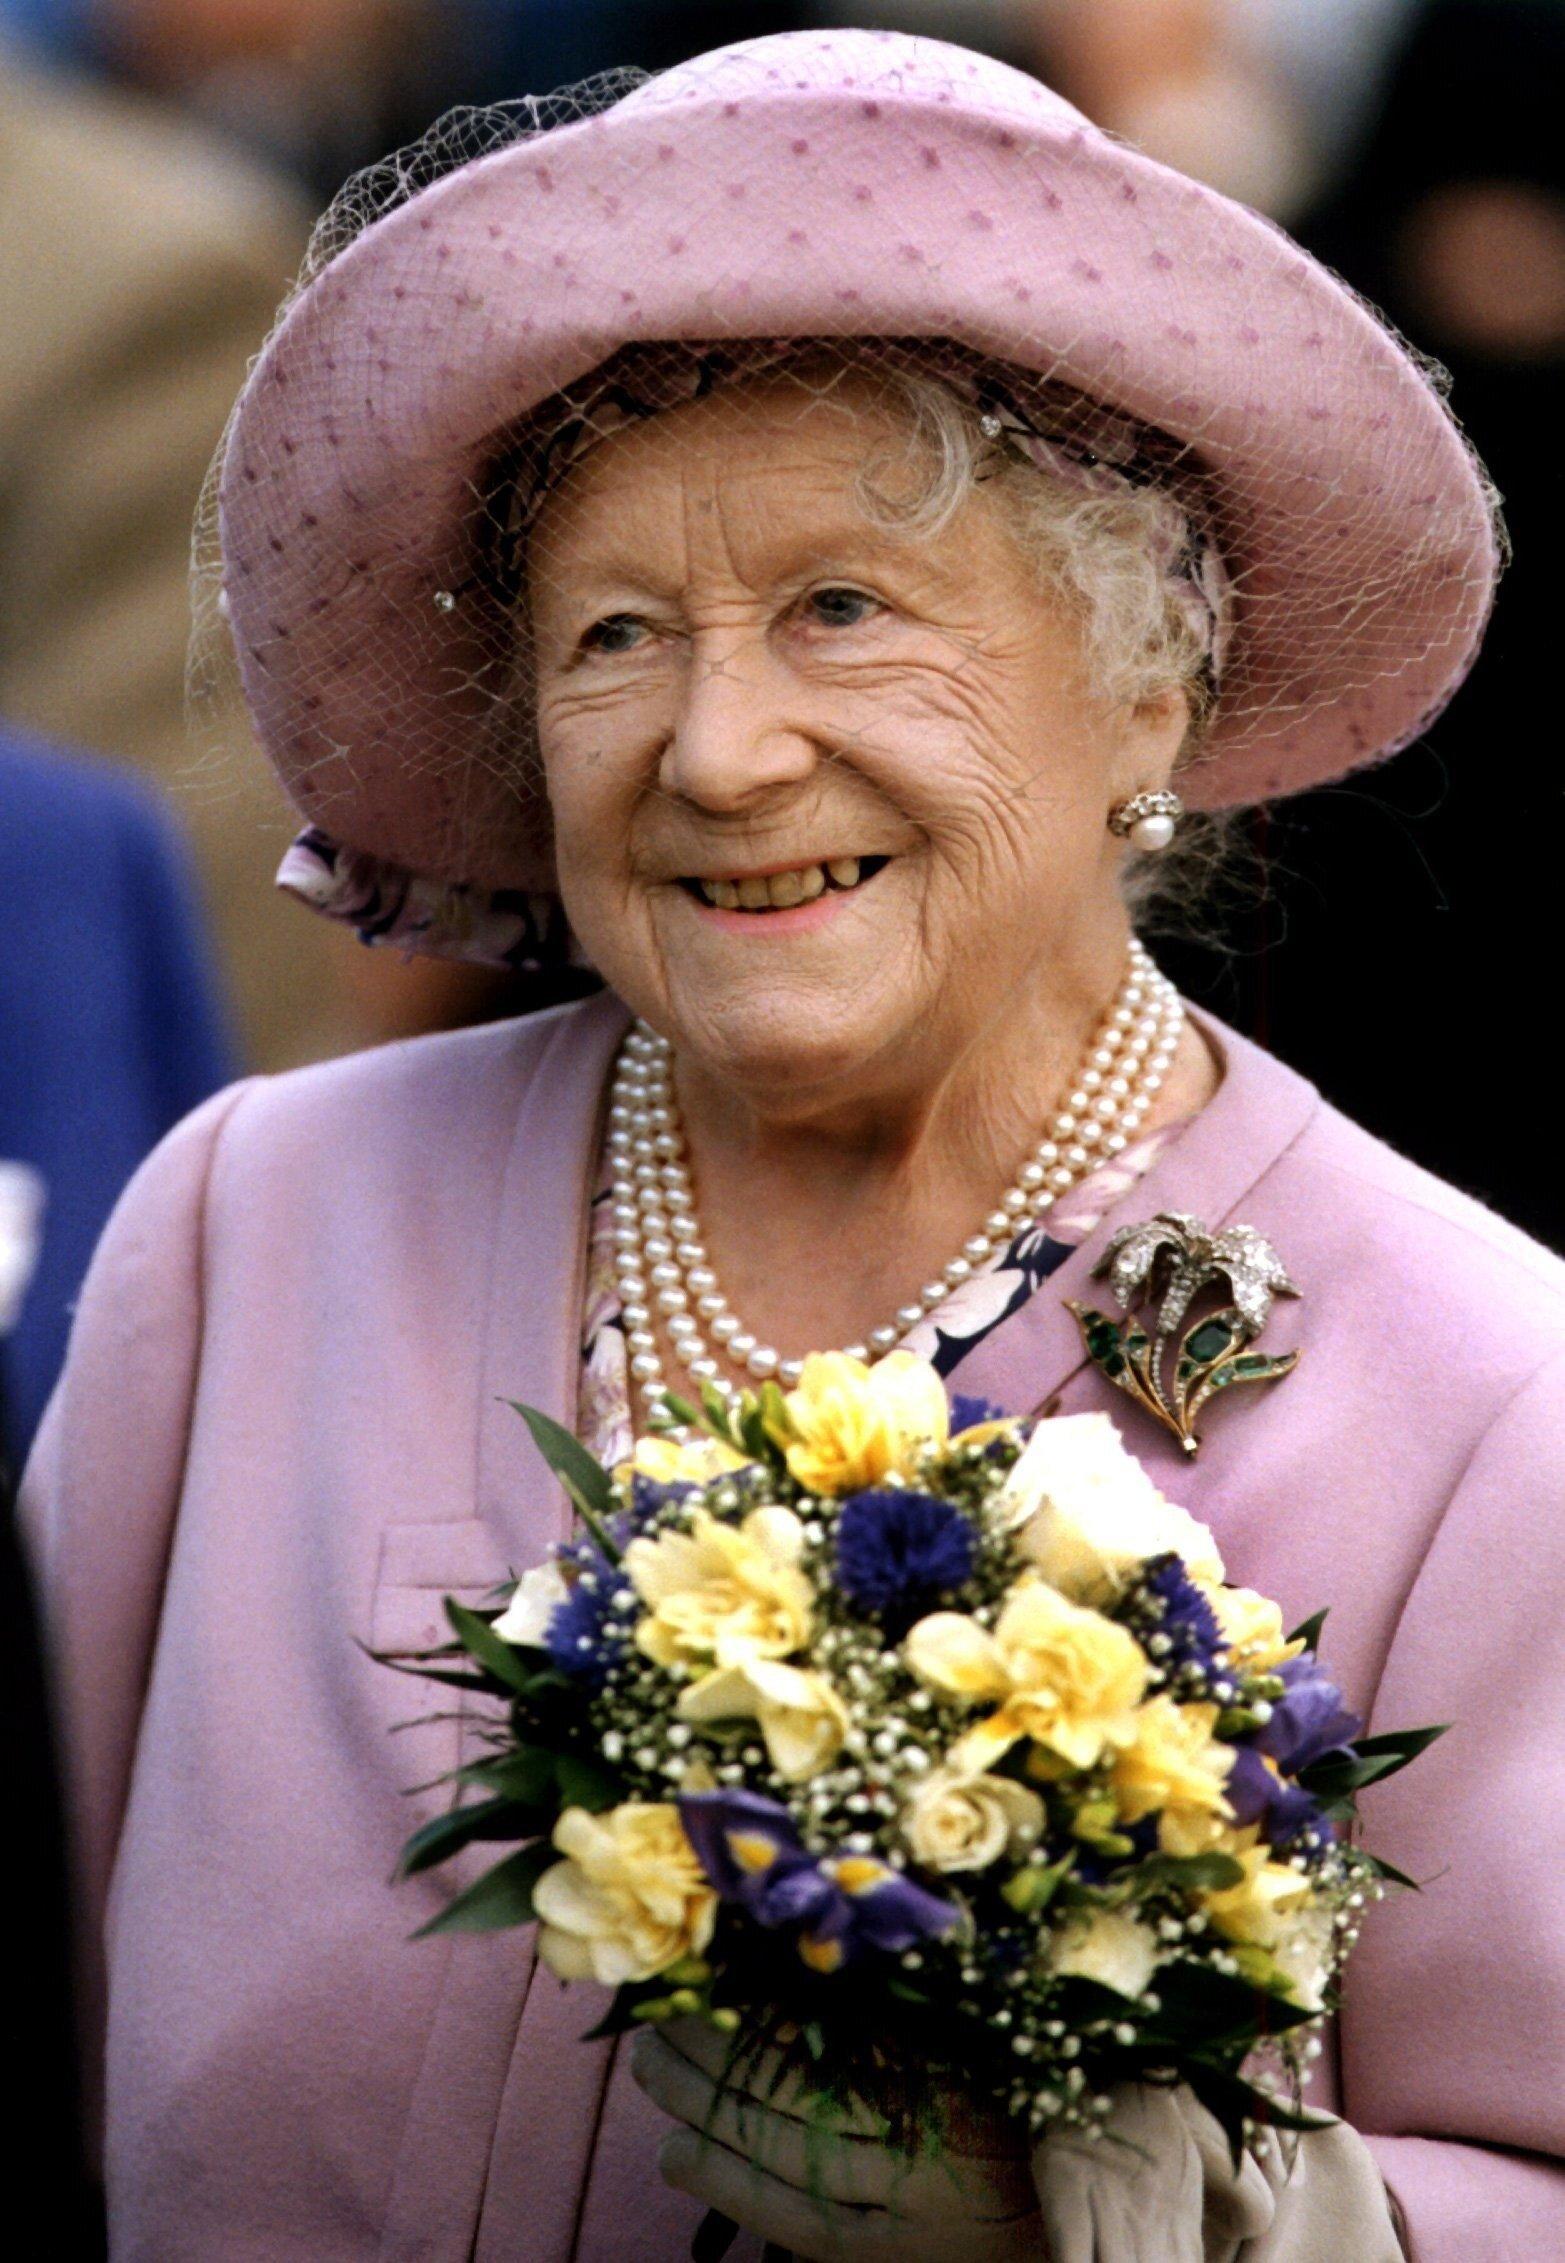 Queen Mum - schon zu Lebzeiten eine Legende. 101 Jahre wurde sie alt , 16 Jahre saß sie auf dem britischen Thron. Lange war sie das beliebteste Mitglied der Royal Family. ZDF-History erzählt, warum die Briten sie so liebten und wie groß ihre Macht im Buckingham Palace war.  © ZDF/cheskin